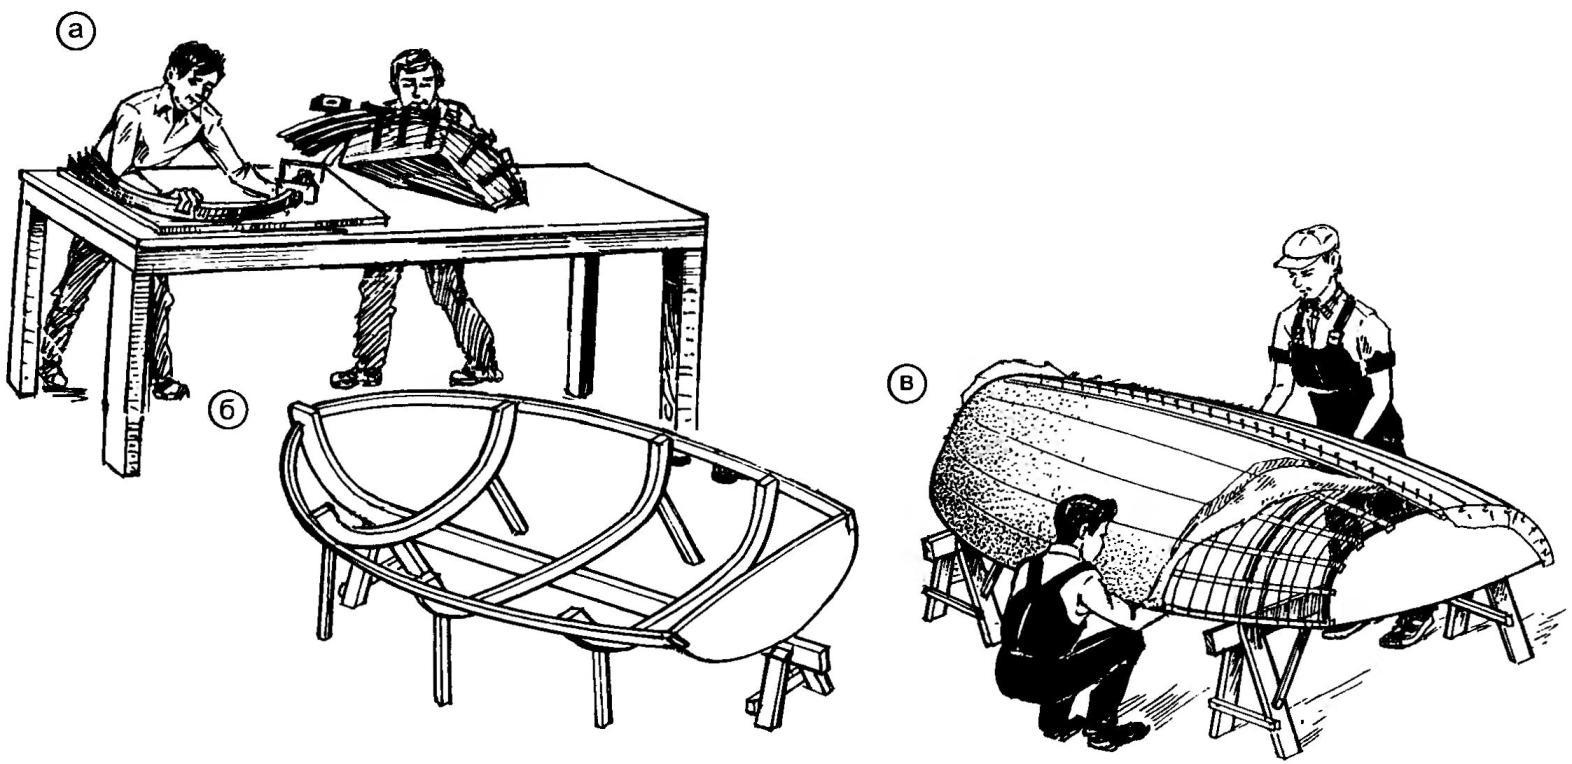 Технологические этапы изготовления яла